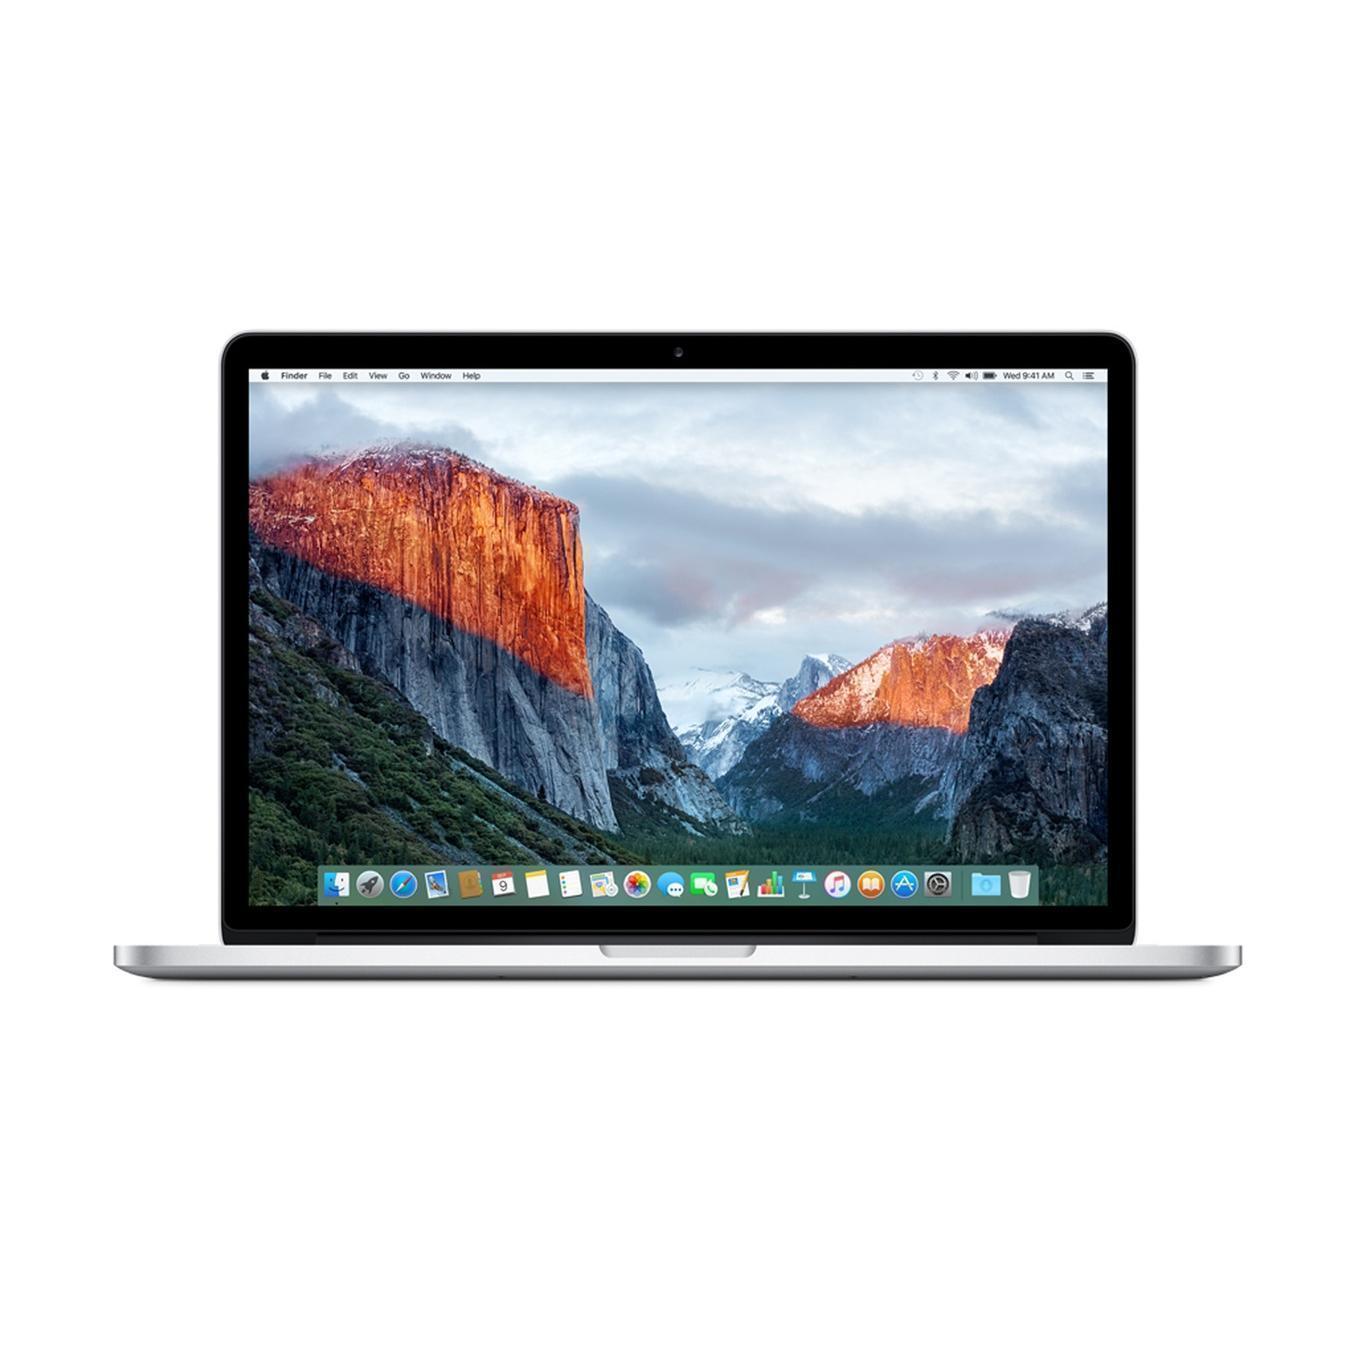 MacBook Pro Retina 15,4-tum (2014) - Core i7 - 16GB - SSD 256 GB QWERTY - Italienska